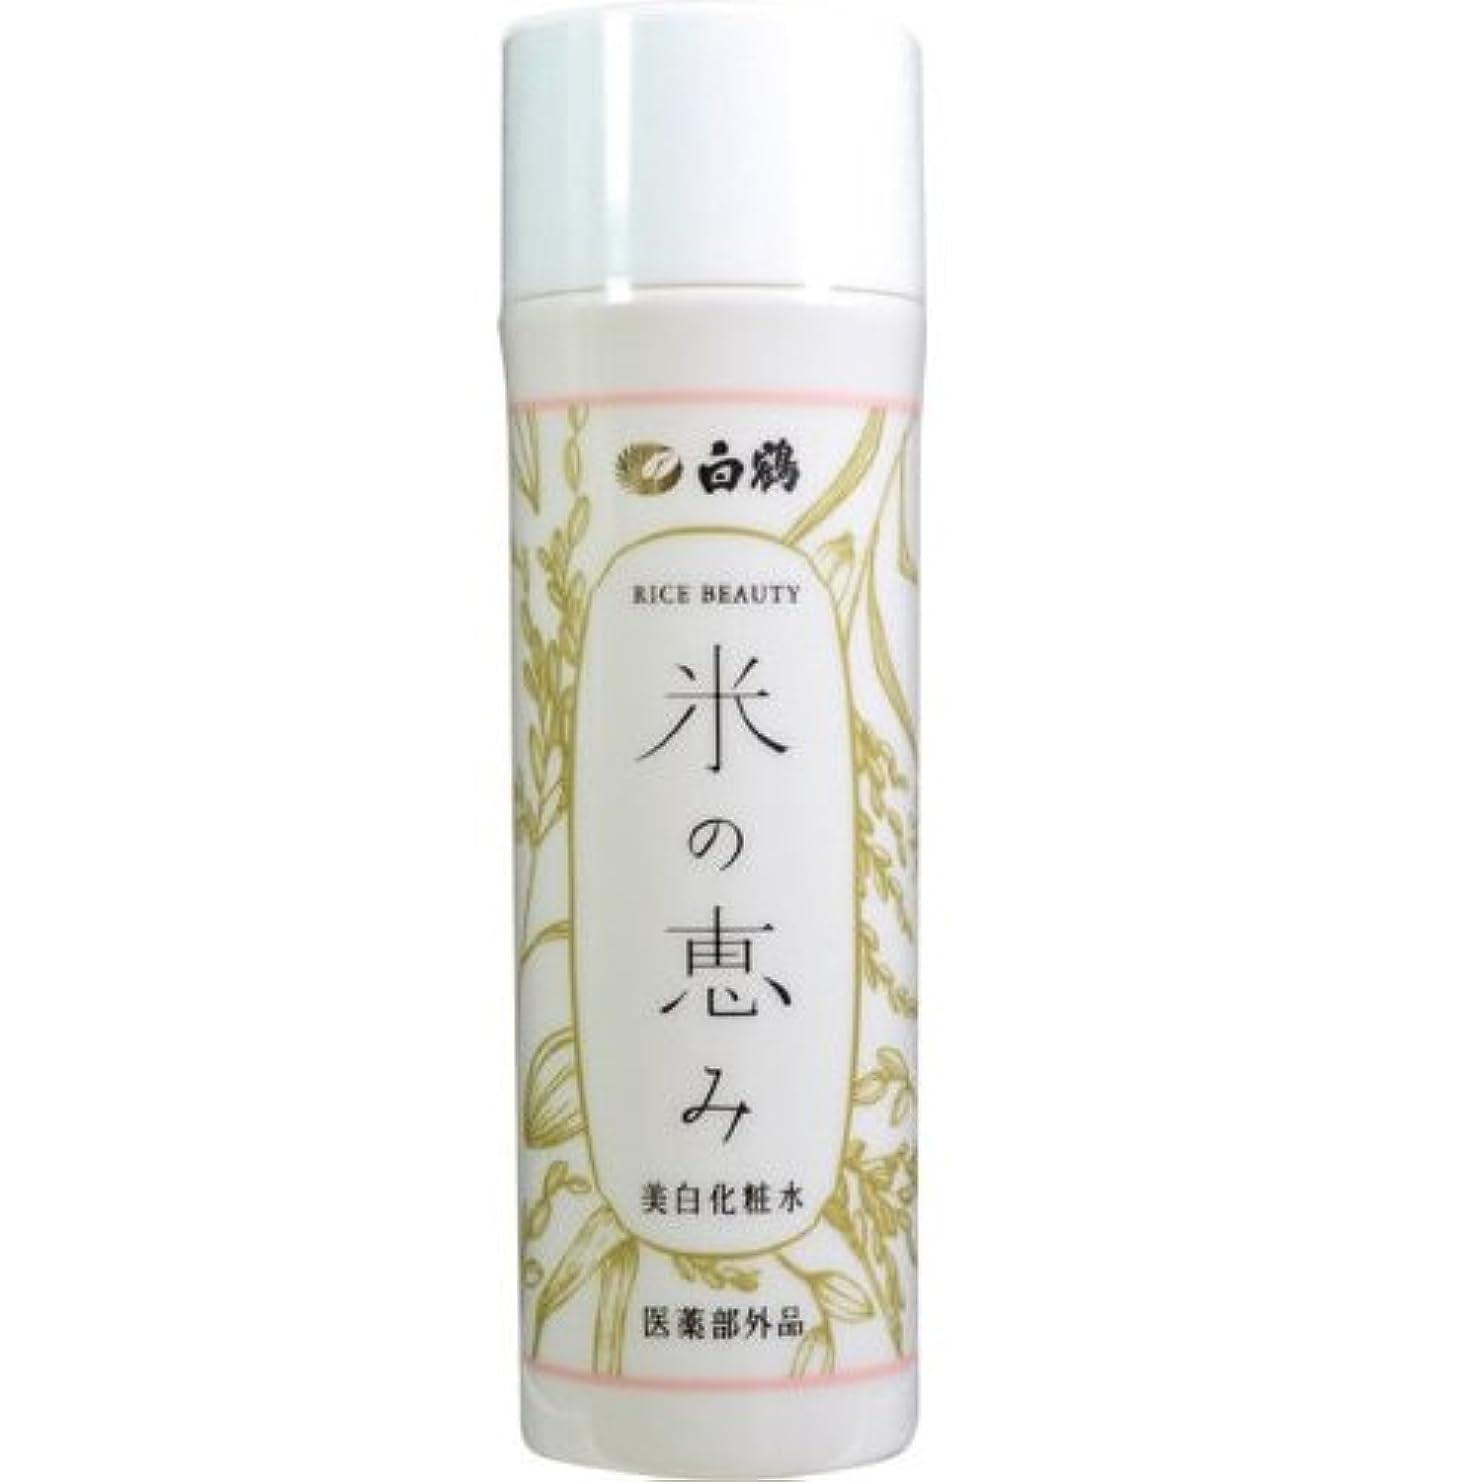 エトナ山説明する豪華なライスビューティー 米の恵み 美白化粧水 150ml 医薬部外品